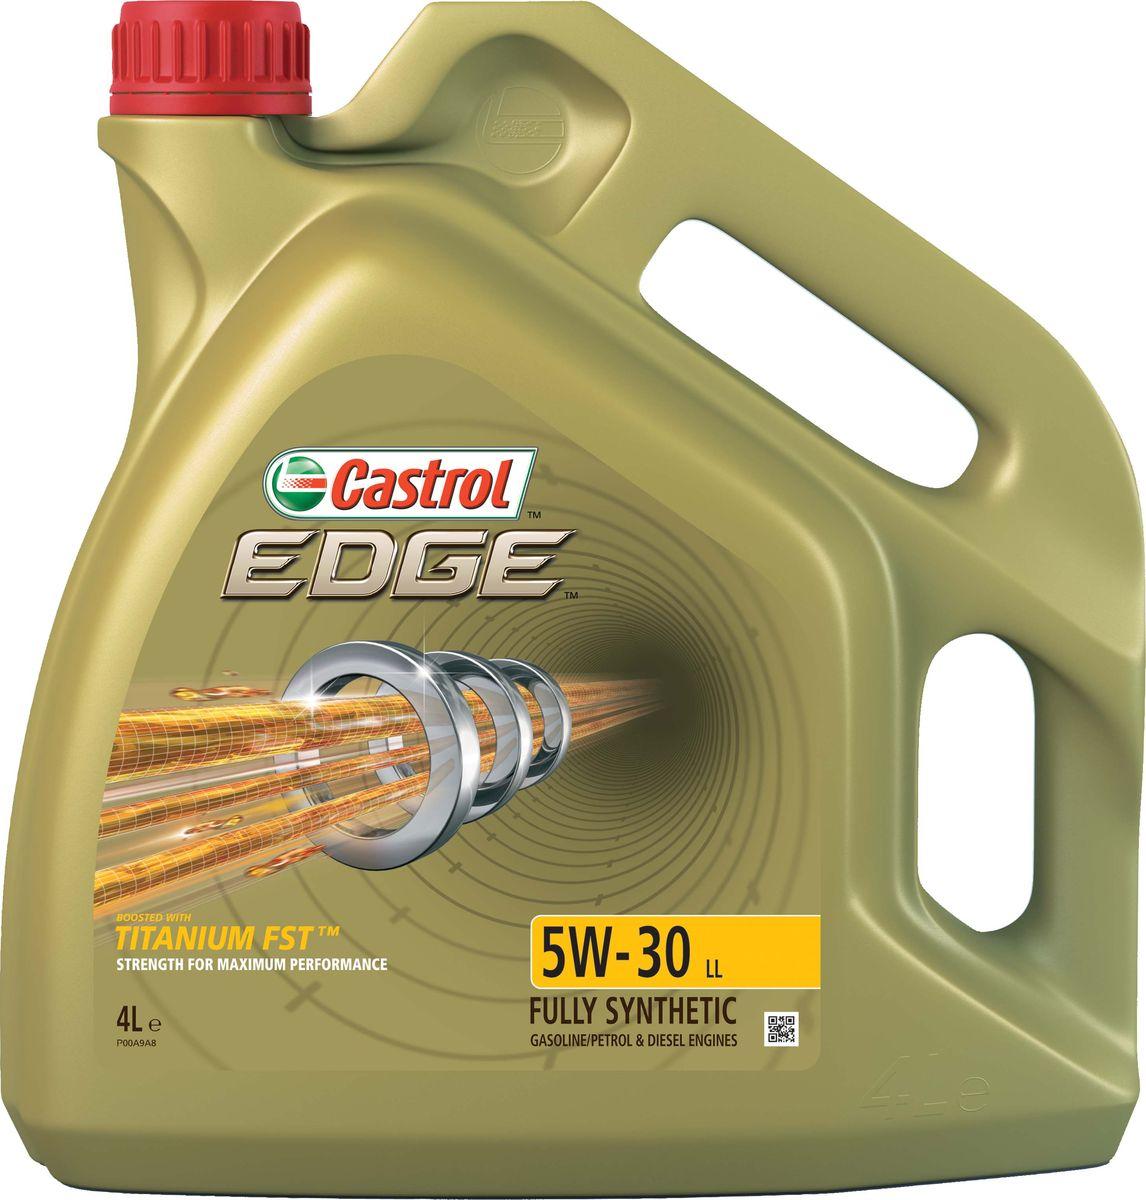 """Масло моторное Castrol """"Edge"""", синтетическое, класс вязкости 5W-30, LL, 4 л"""